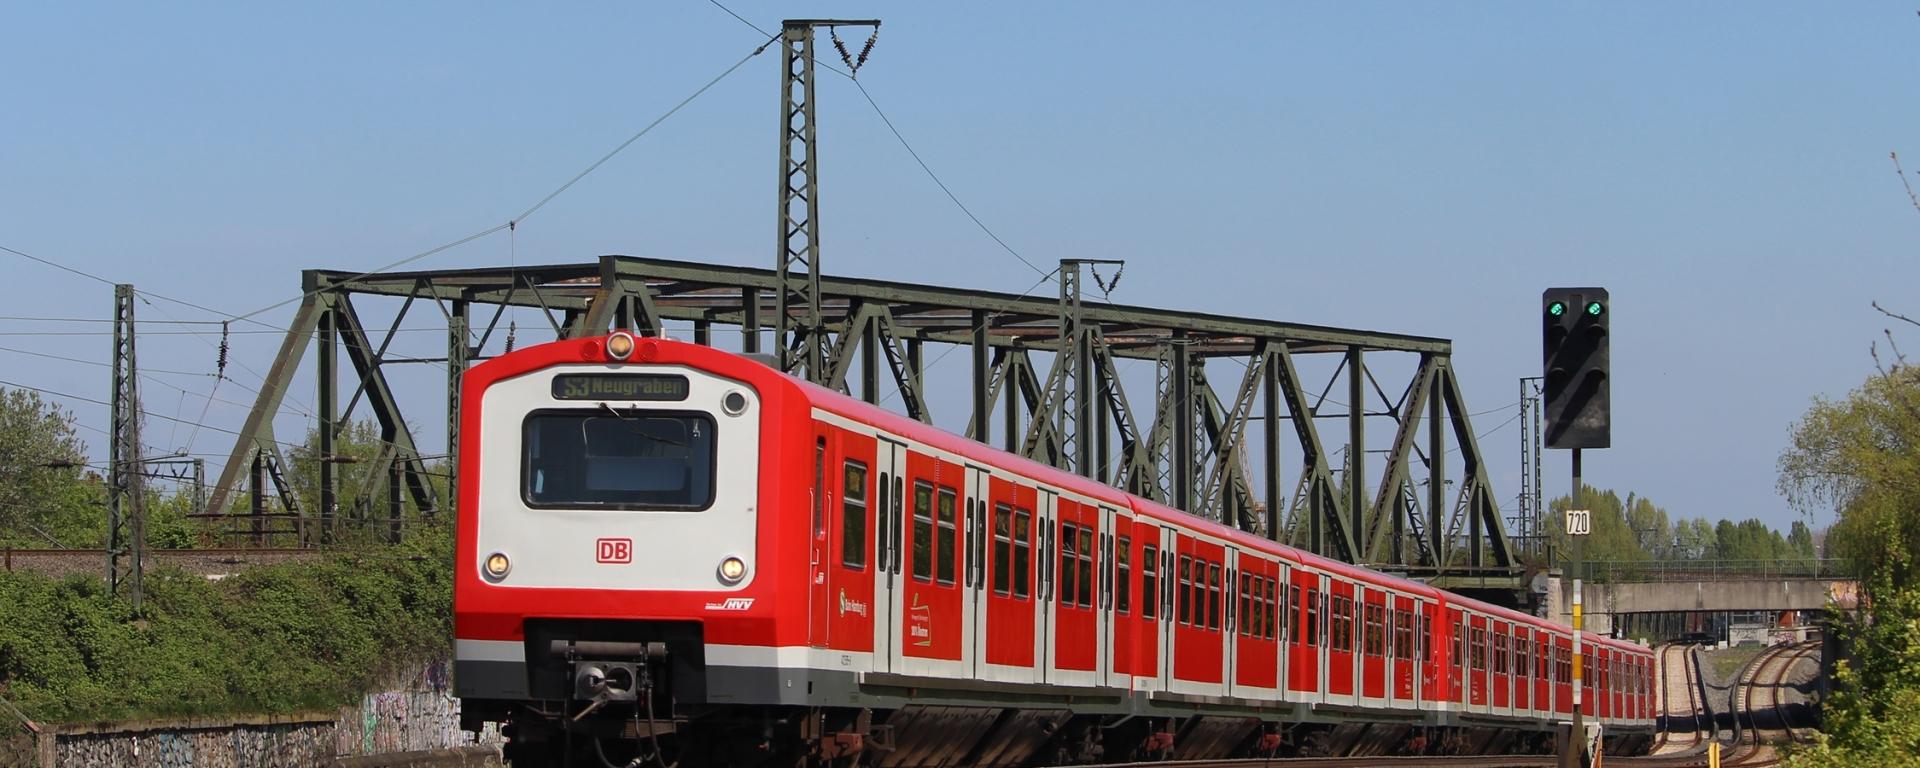 Am 7. Mai gab es passend zur Stadtrundfahrt des Vereins Historische S-Bahn Hamburg e.V. perfektes Fotowetter. Ich fuhr dem Traditionszug voraus und aufgrund eines sehr großzügigen Zeitpuffers erwischte ich durch Zufall auch diesen Vollzug der BR 472/473 bei der Ausfahrt aus der Station Veddel. Auf der Linie S31 kommen 472 ja derzeit häufiger mal vor, auf der S3 hingegen nicht.